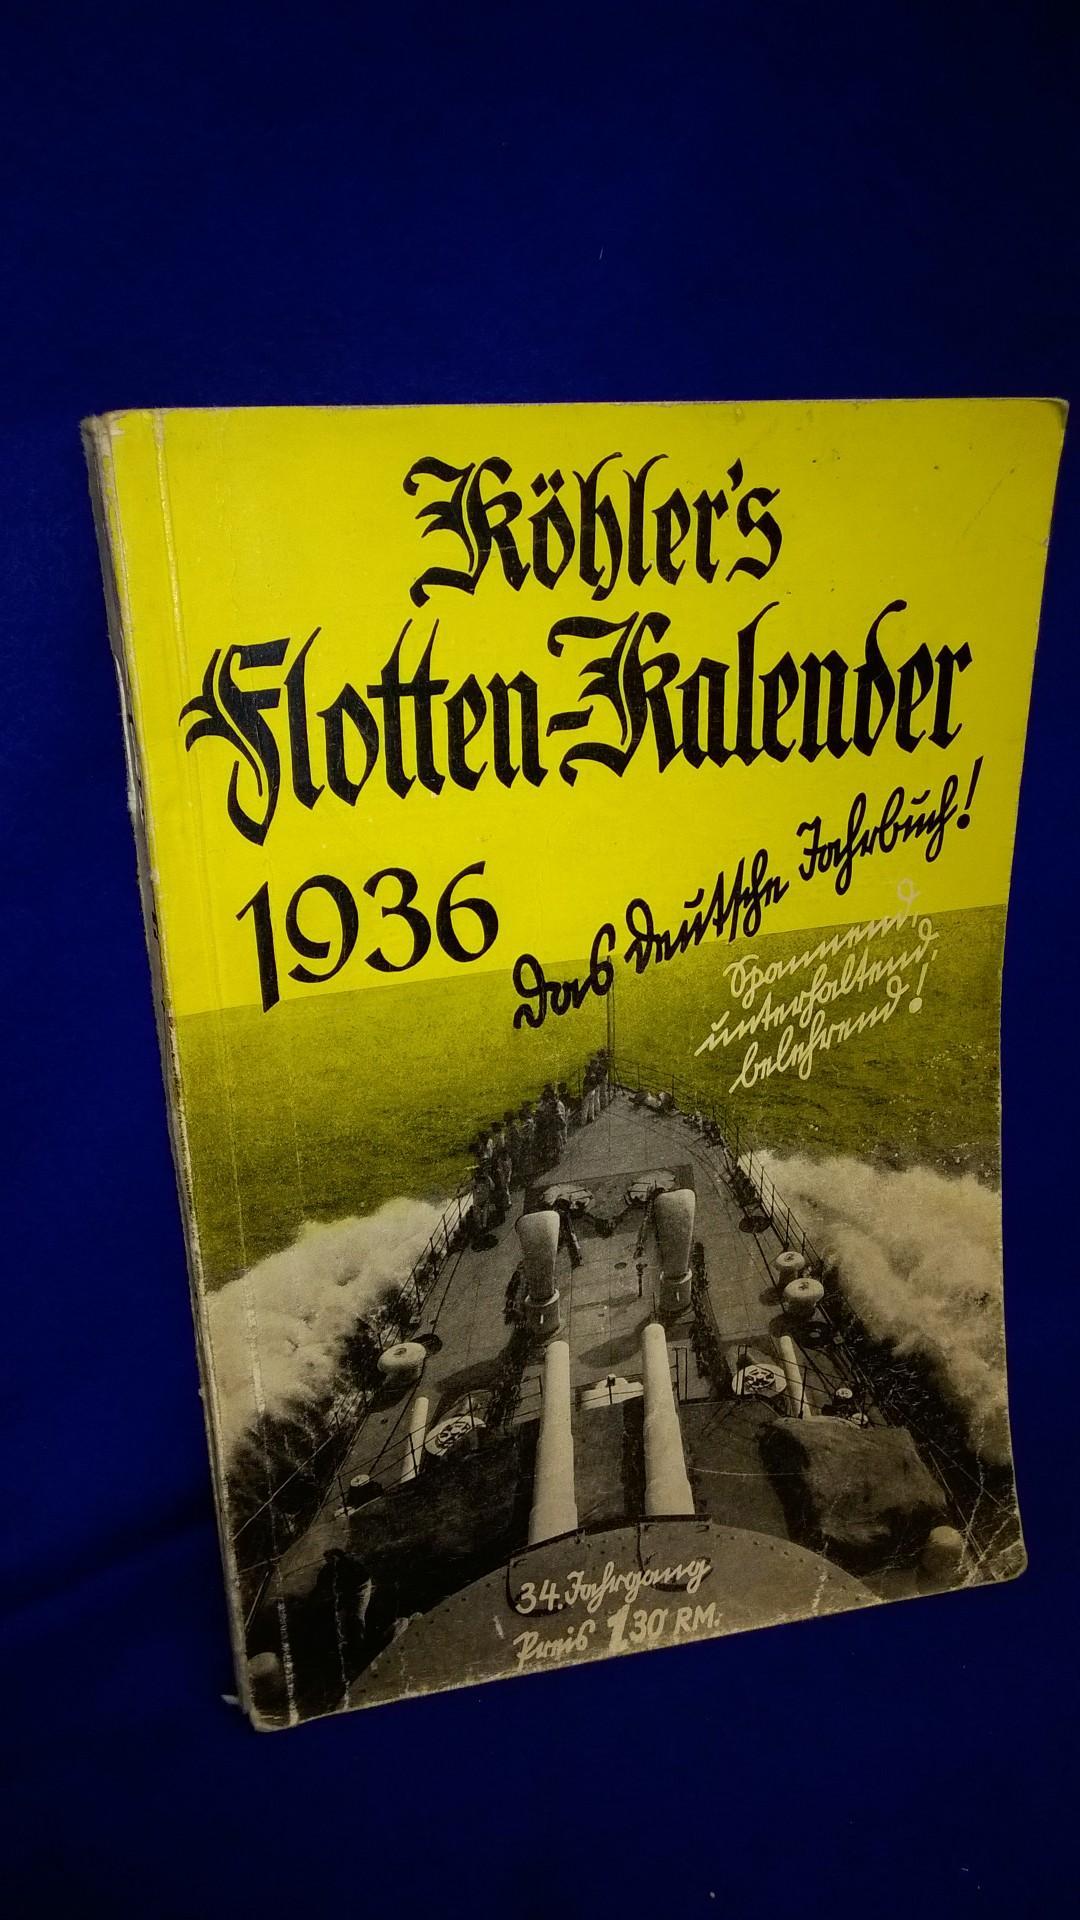 Köhlers Flotten-Kalender 1936. 34 Jahrgang.